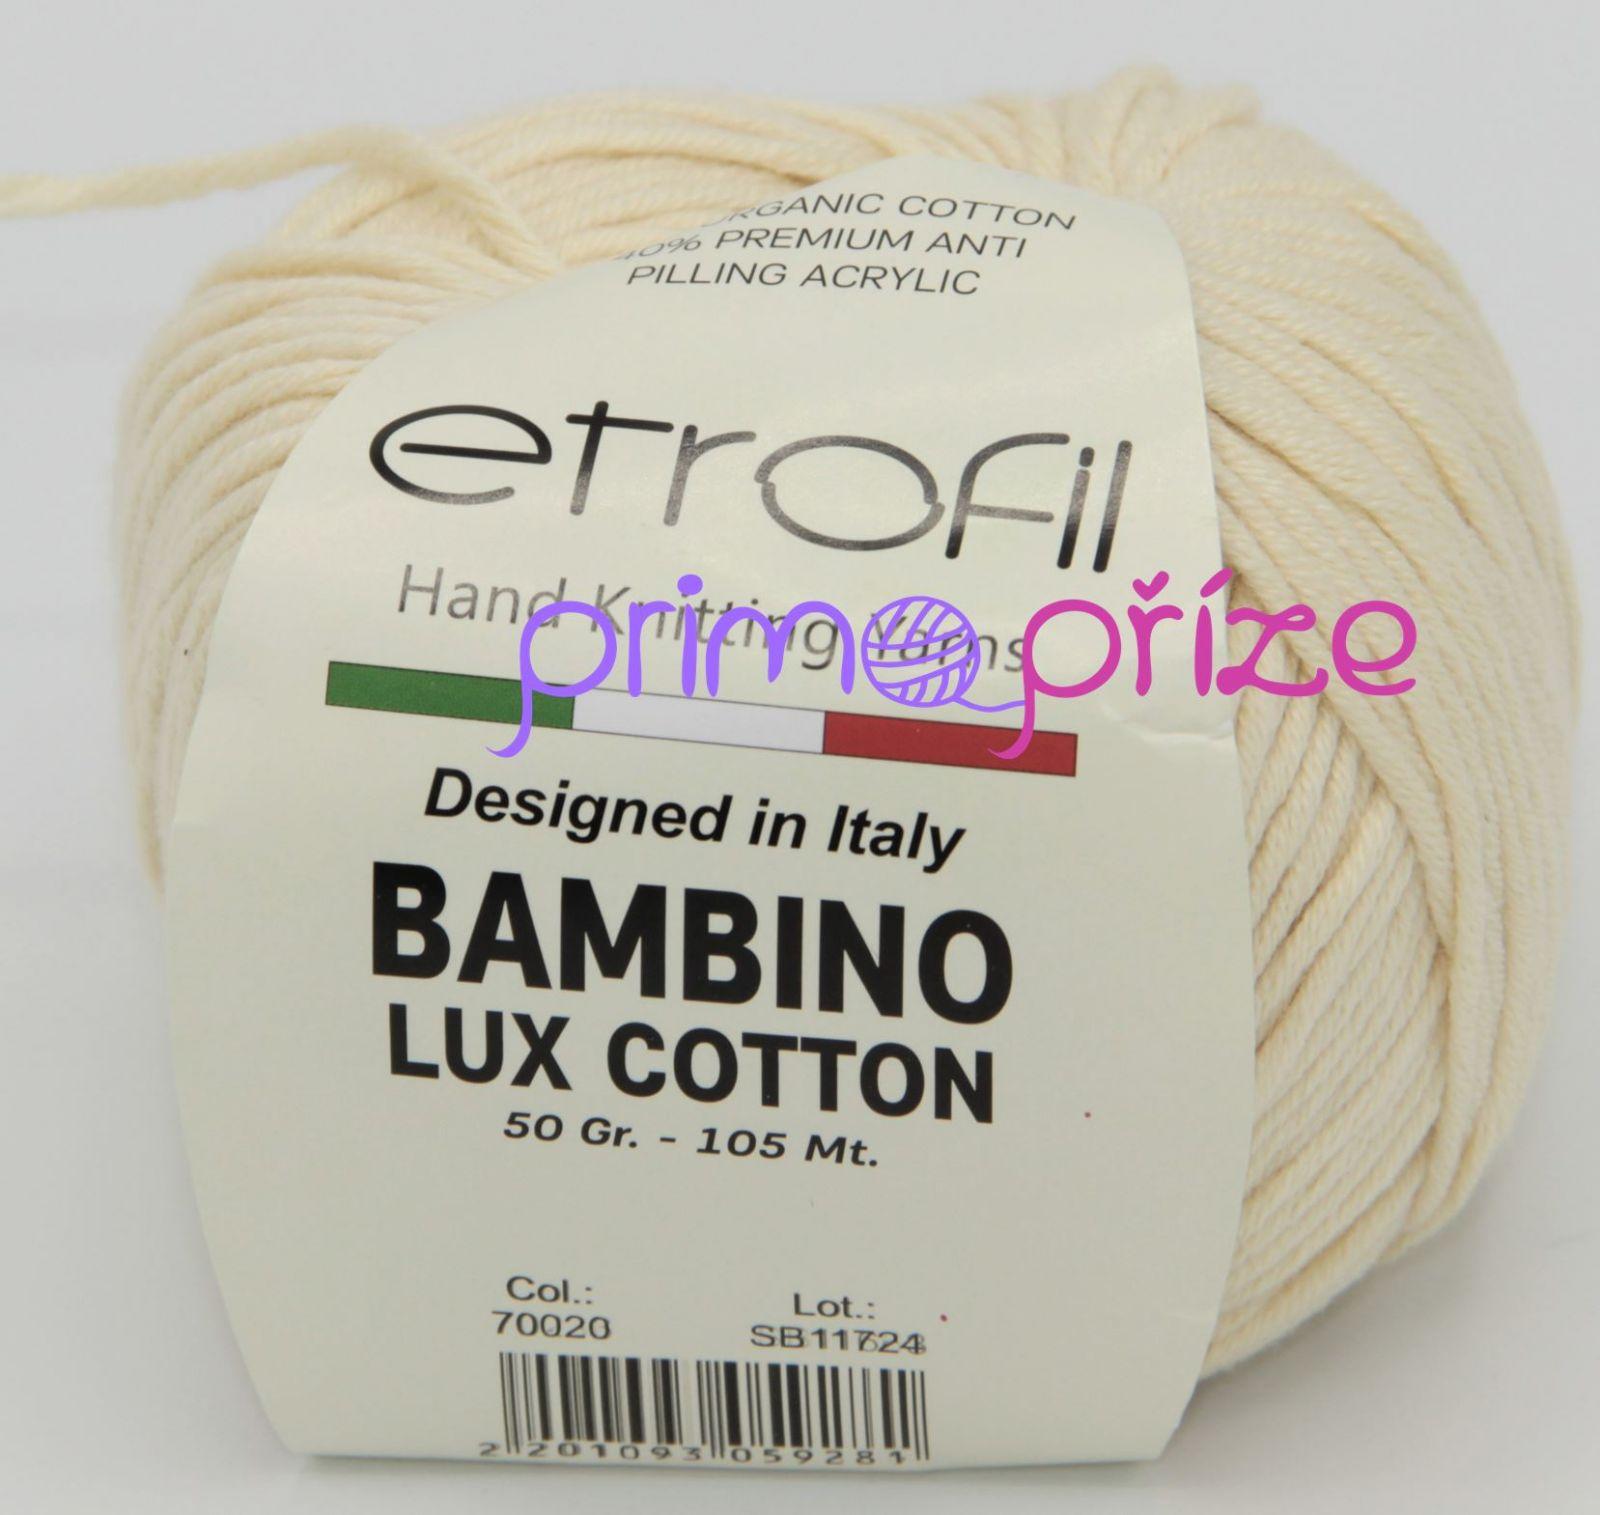 ETROFIL Bambino Lux Cotton 70020 světle béžová